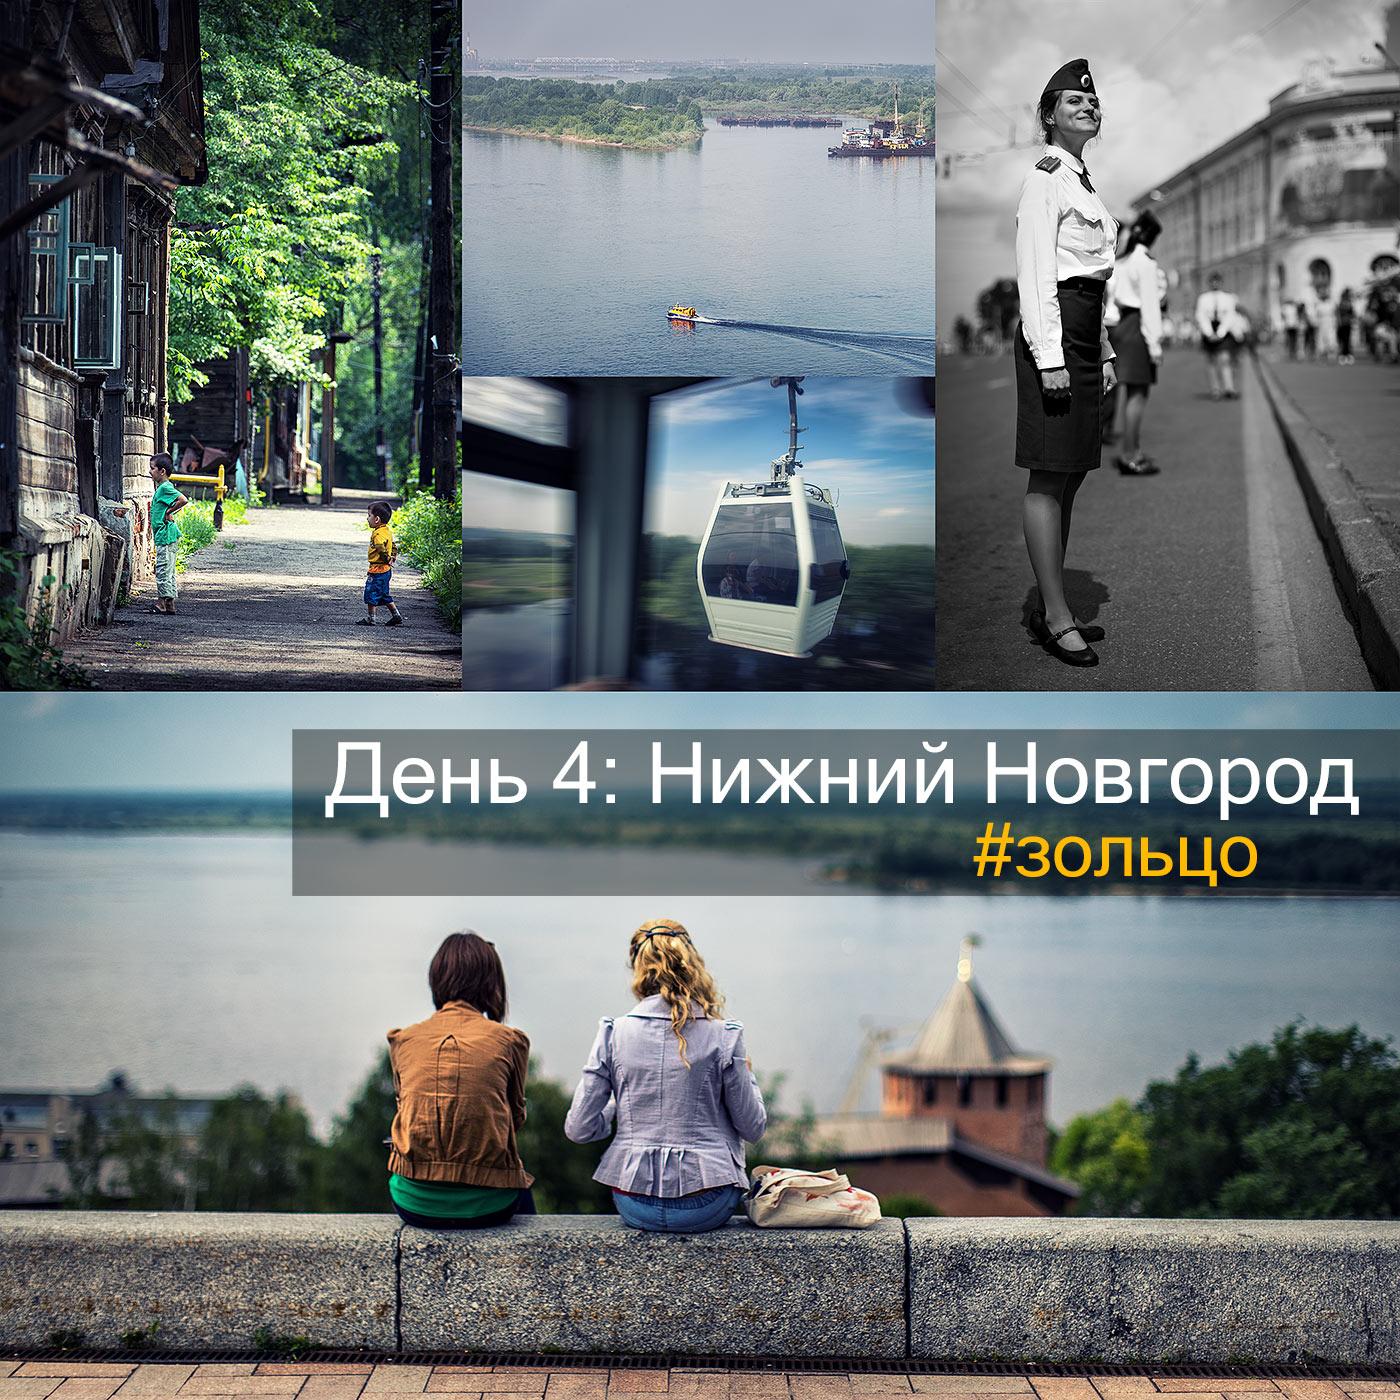 Экспедиция по Золотому кольцу, день 4: день в Нижнем Новгороде